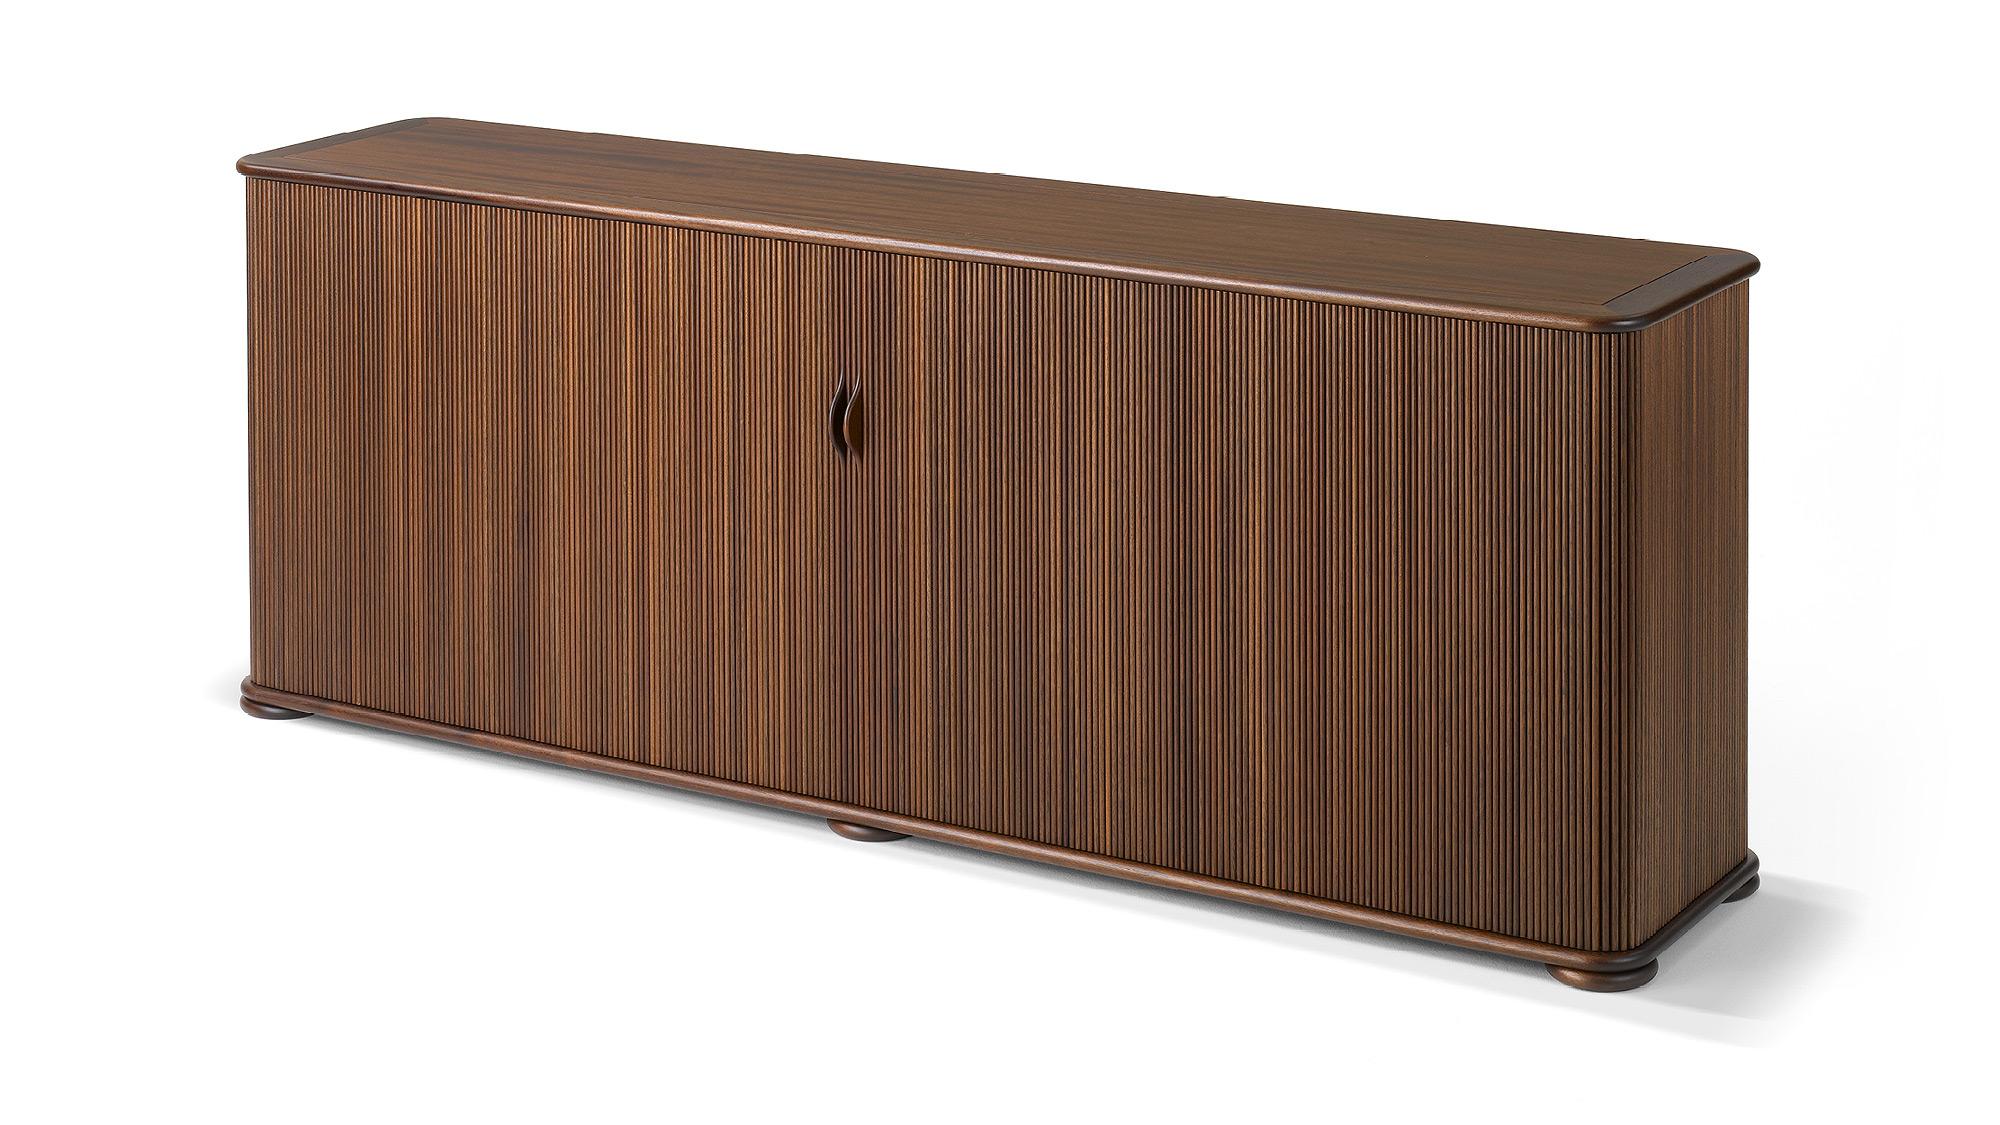 rolladen sideboard r thlisberger kollektion swiss designer furniture. Black Bedroom Furniture Sets. Home Design Ideas